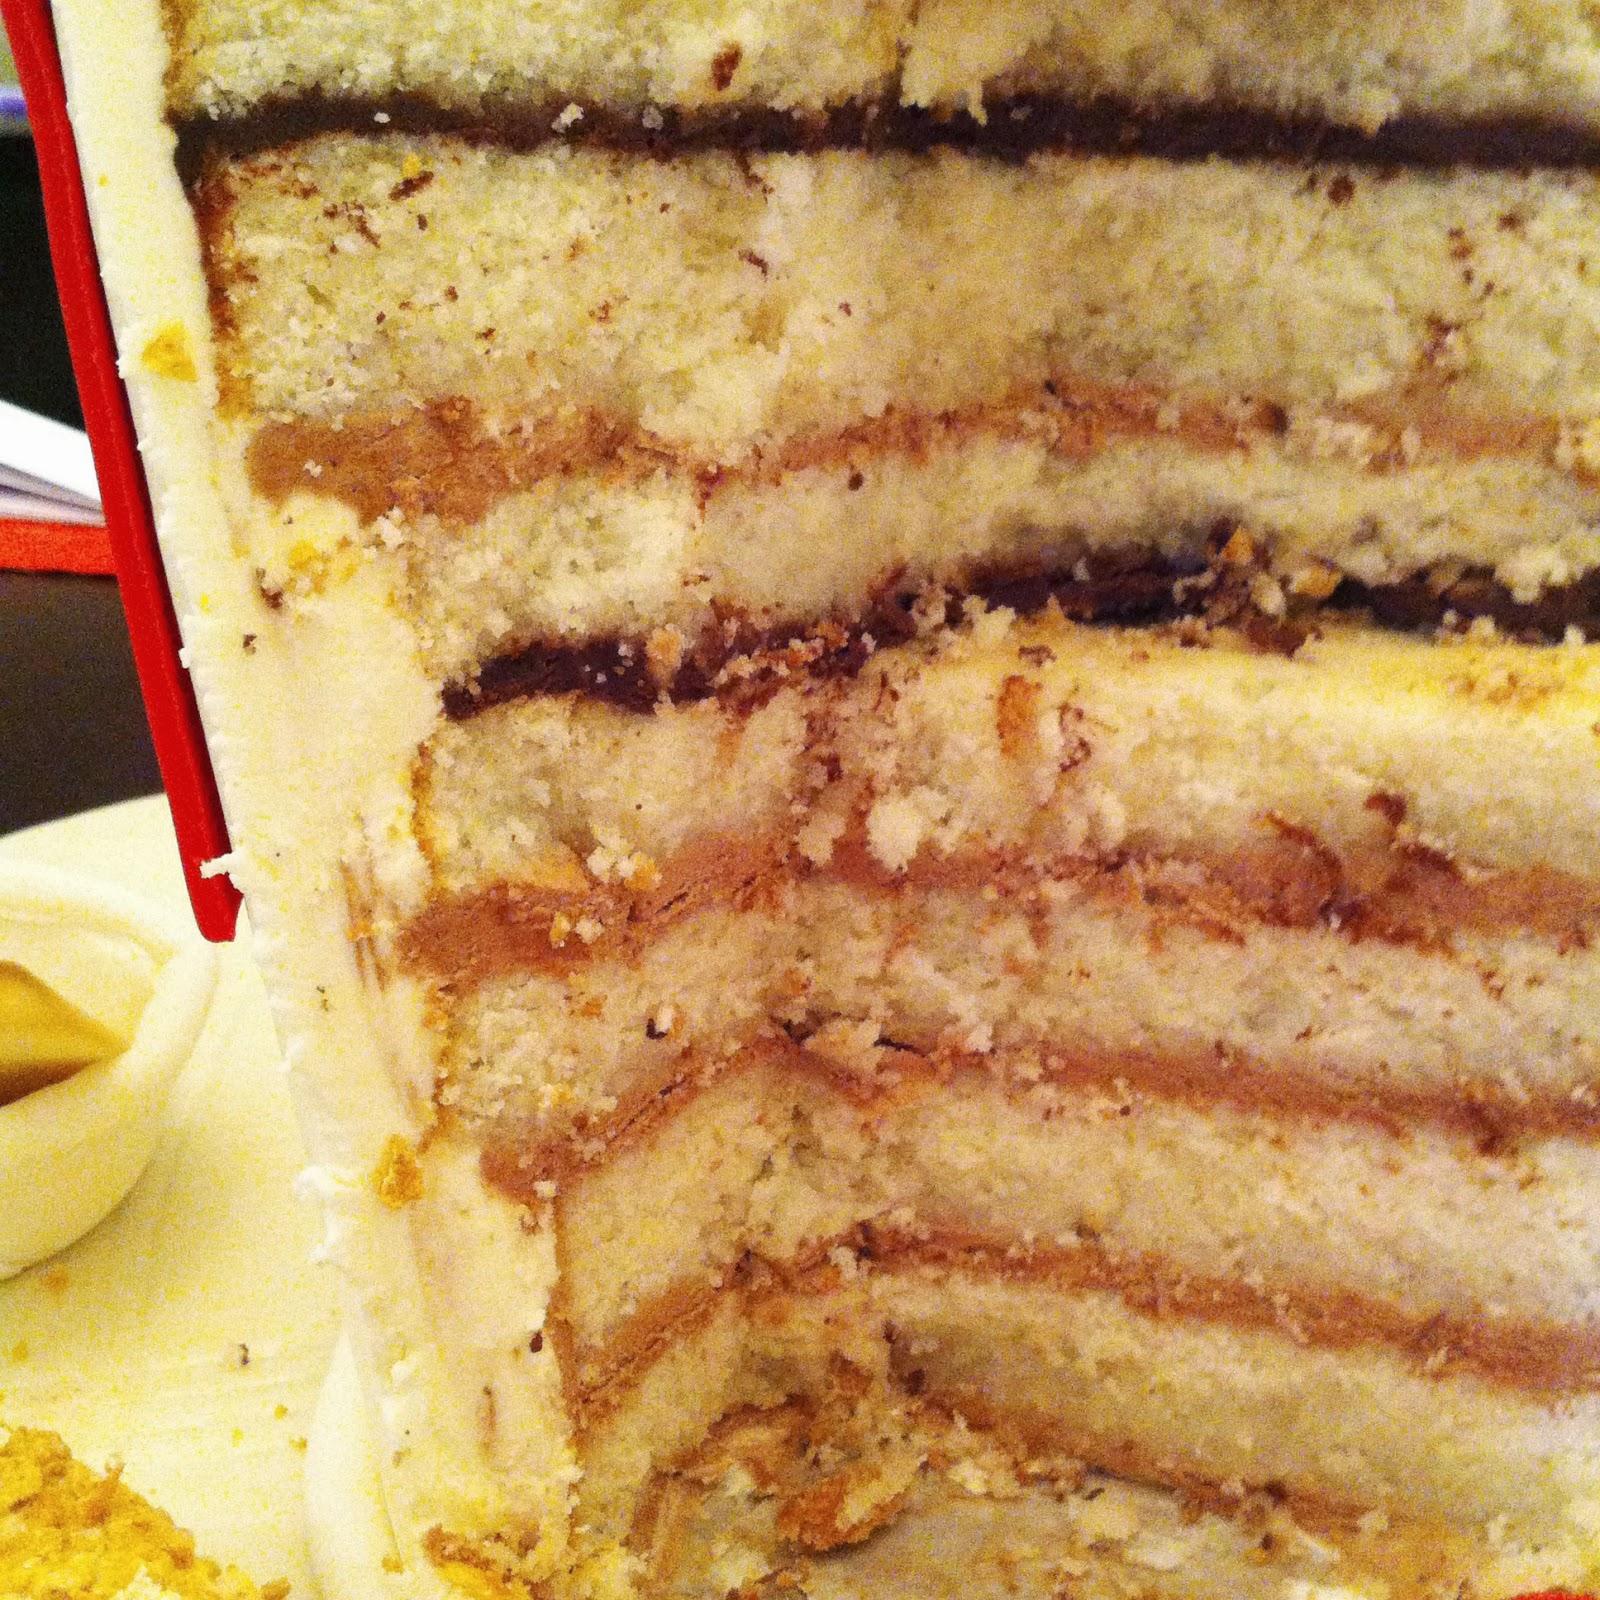 Best Cake Airbrush